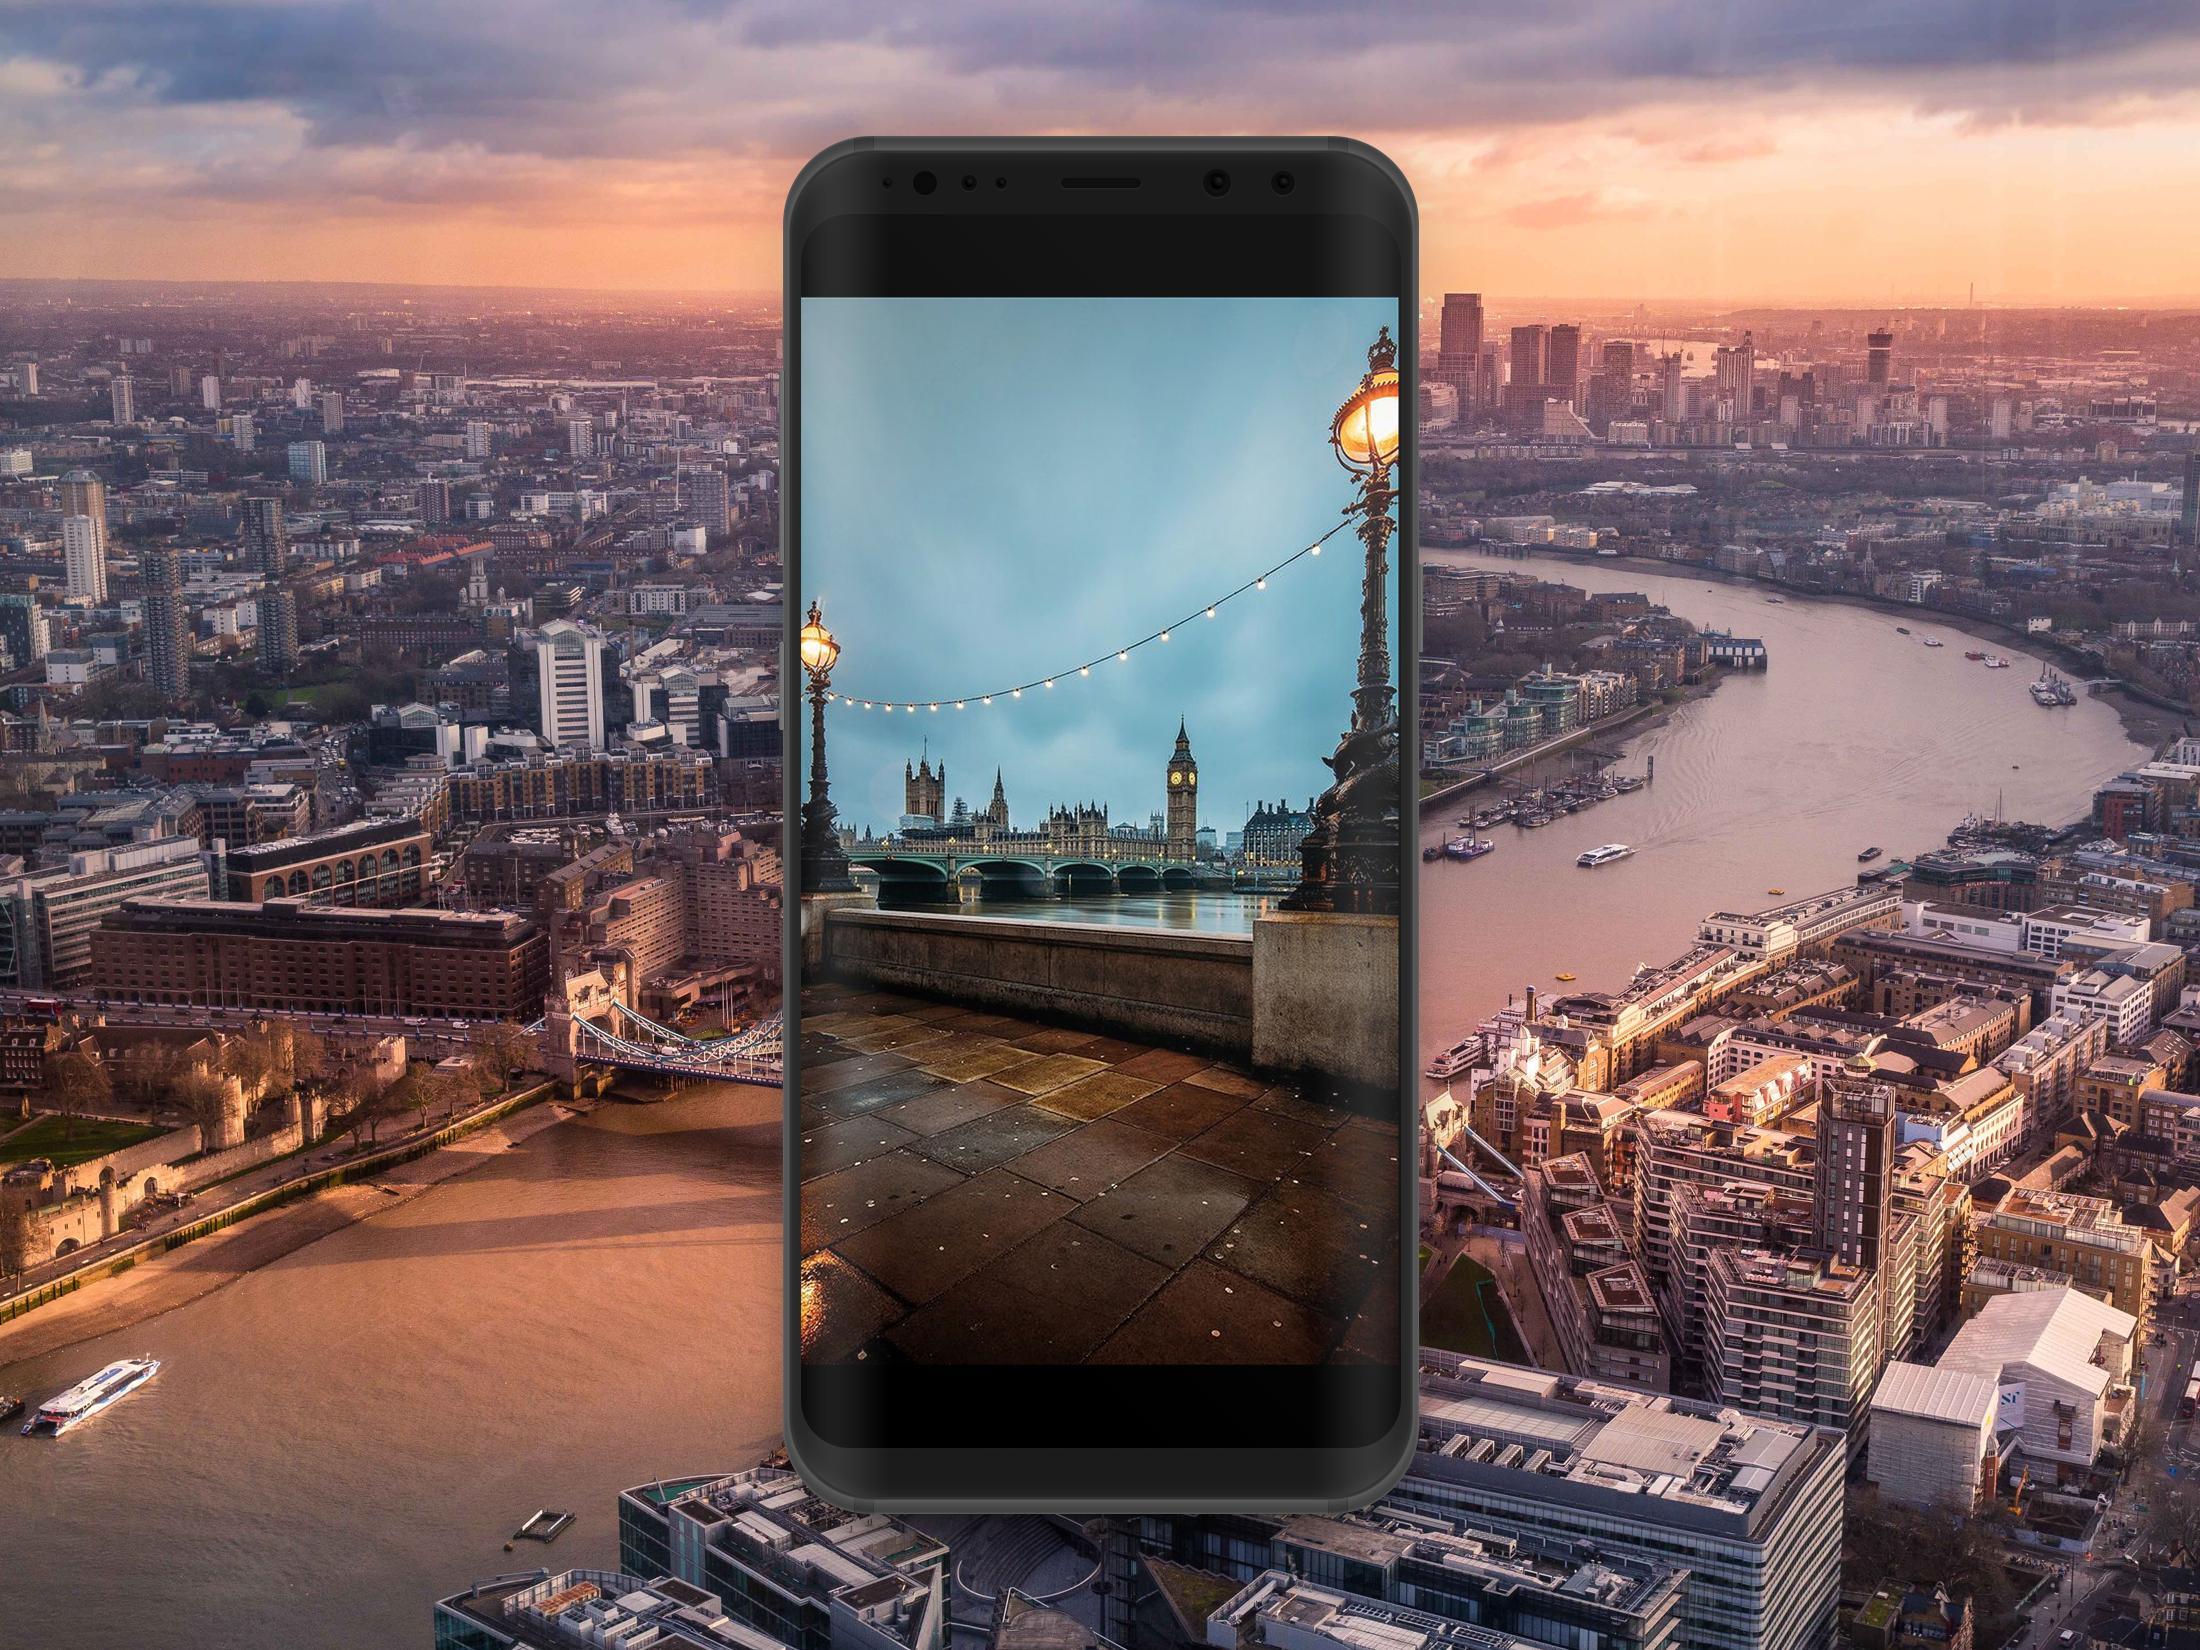 Android 用の ロンドンの壁紙hd Apk をダウンロード